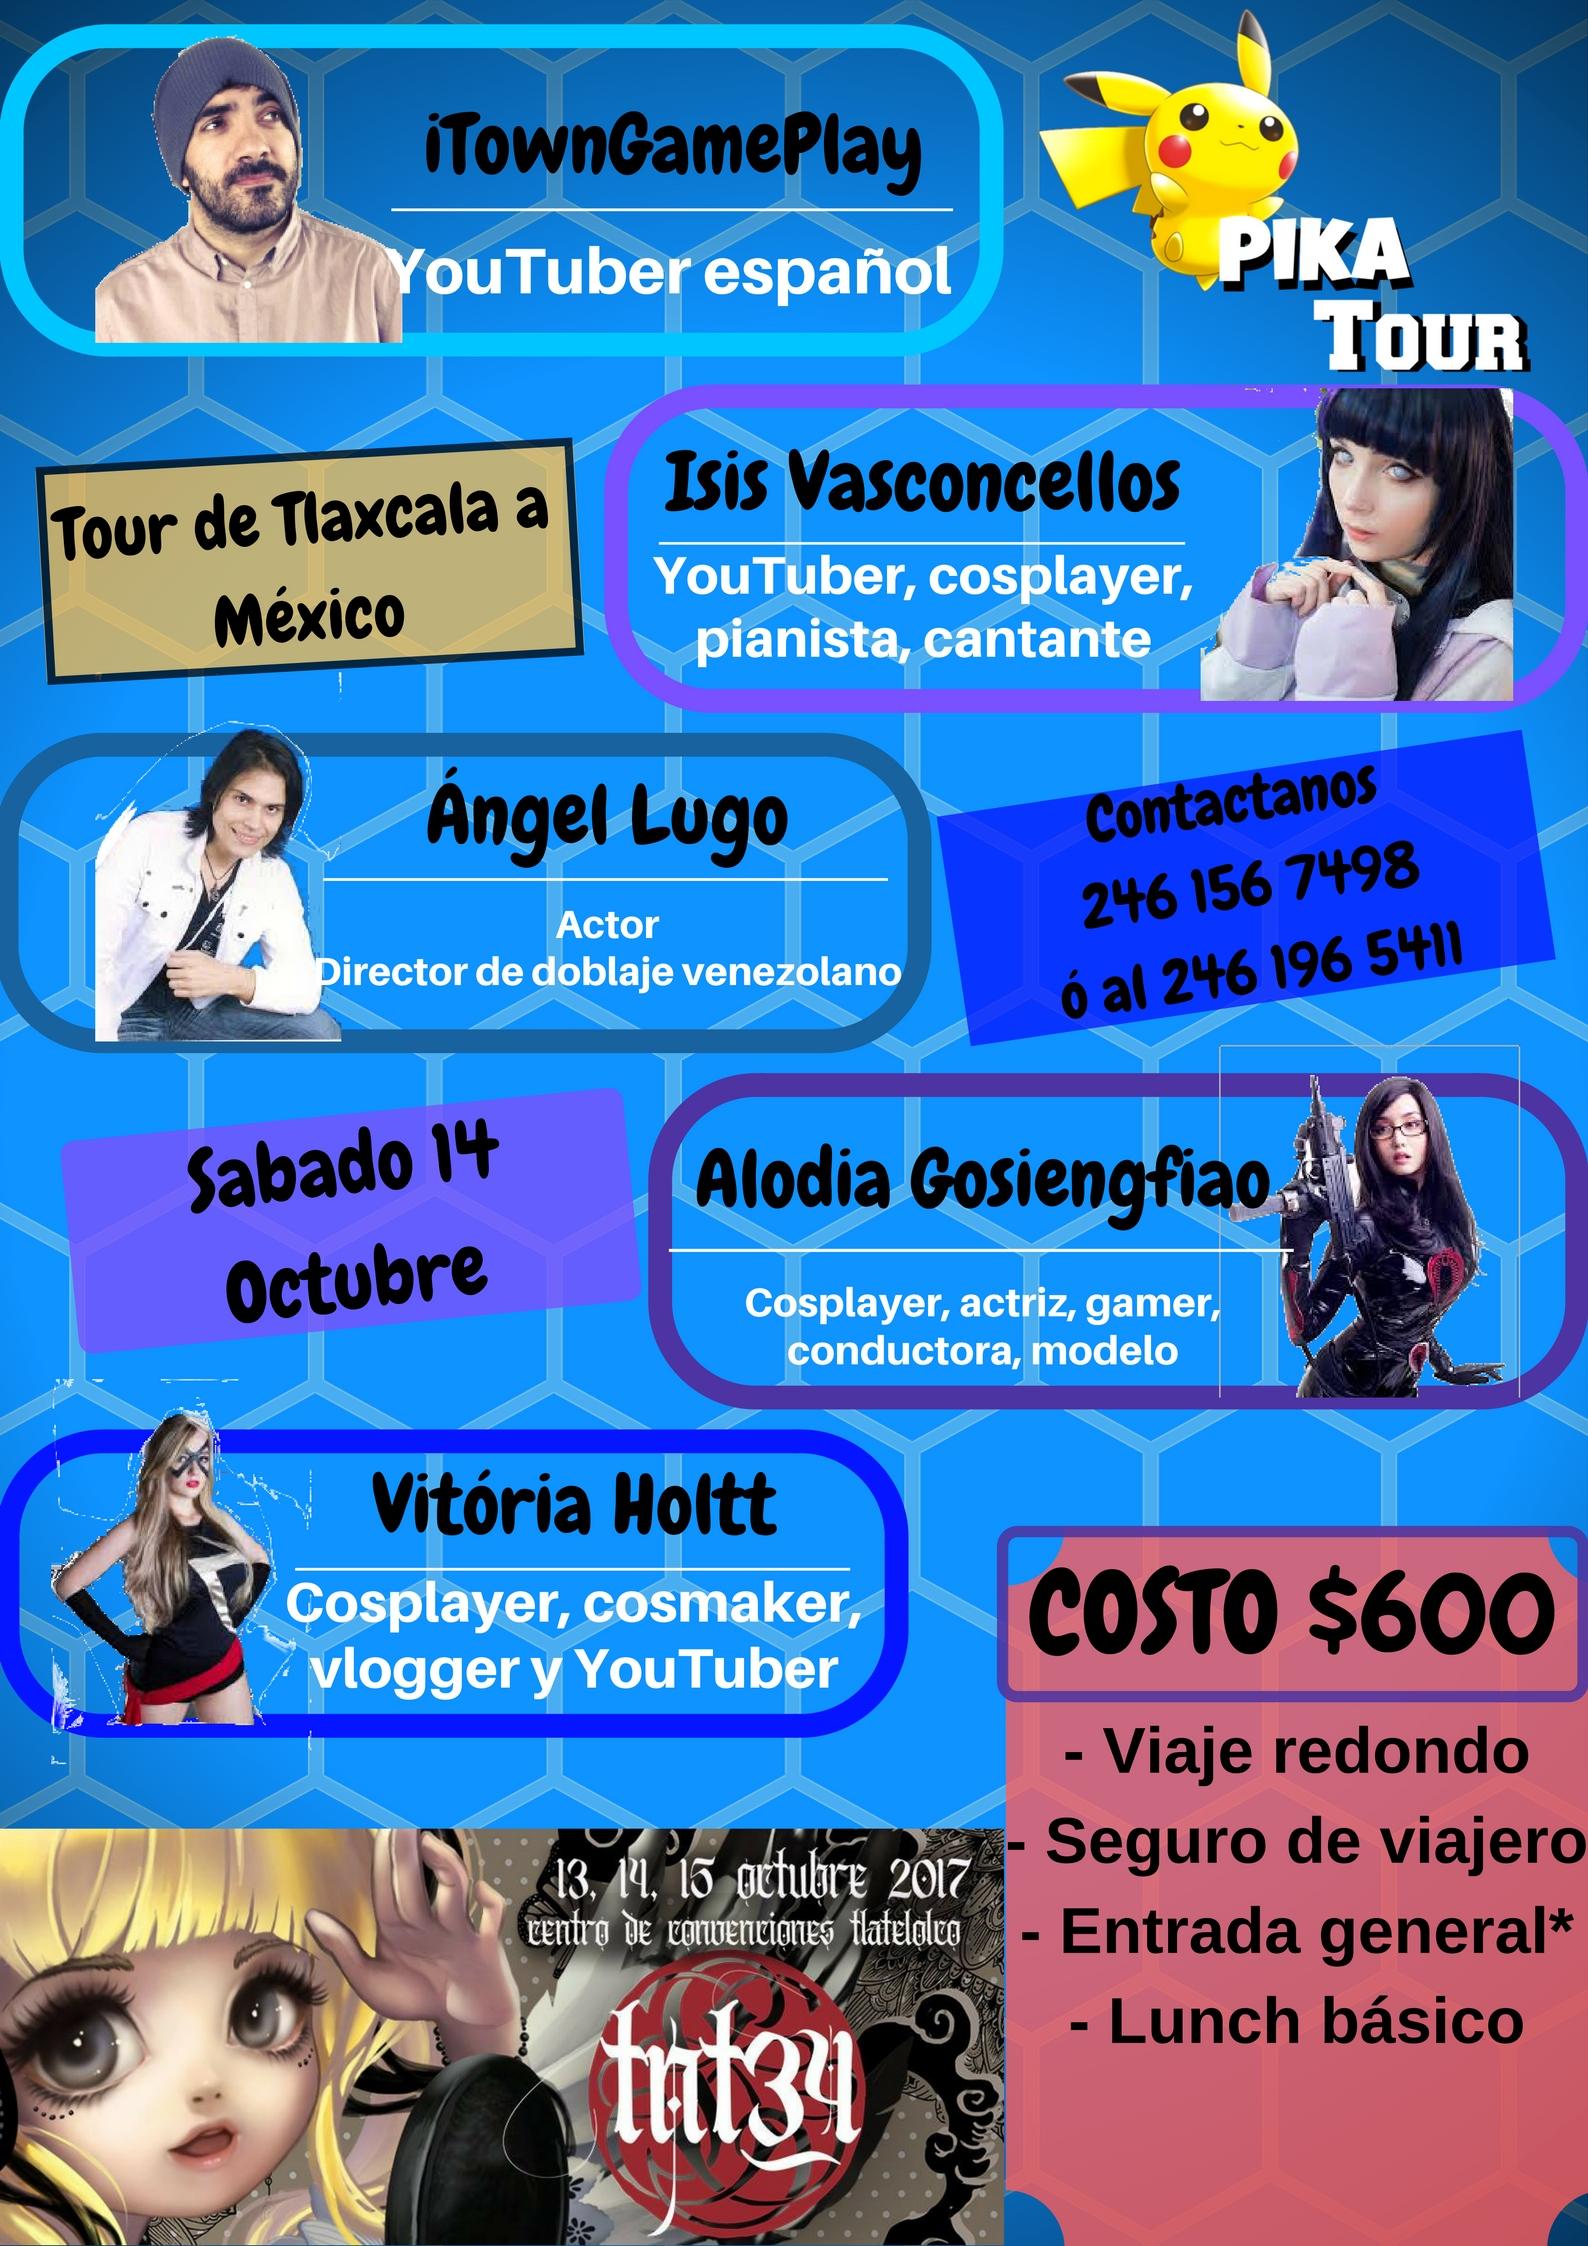 Tour desde Tlaxcala a Expo TNT 34